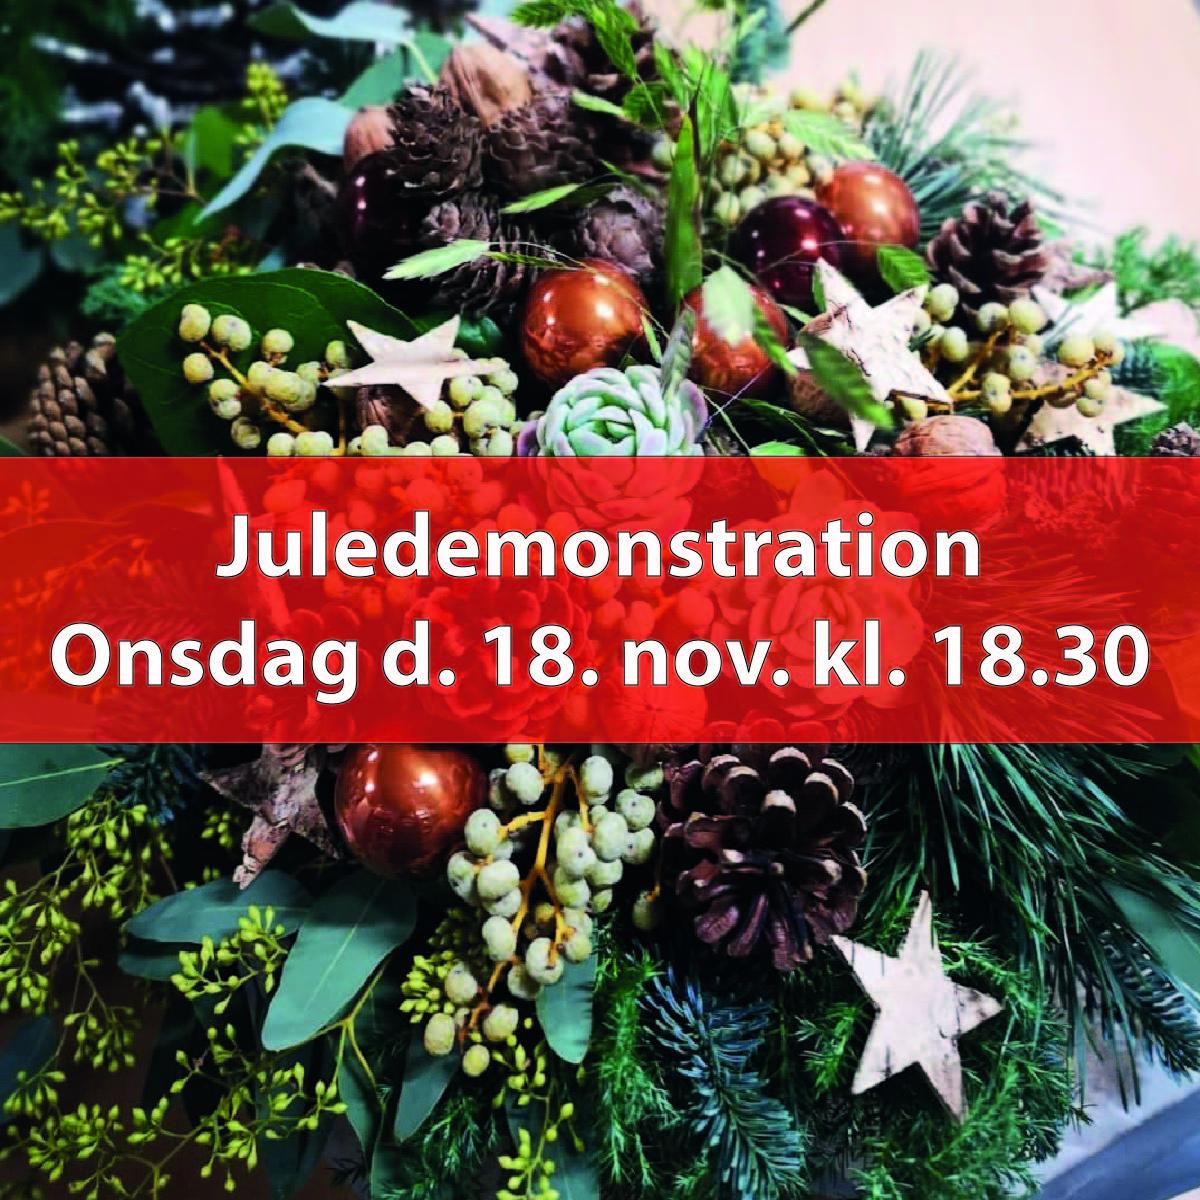 Juledemonstration, Ons. 18. nov. kl. 18.30